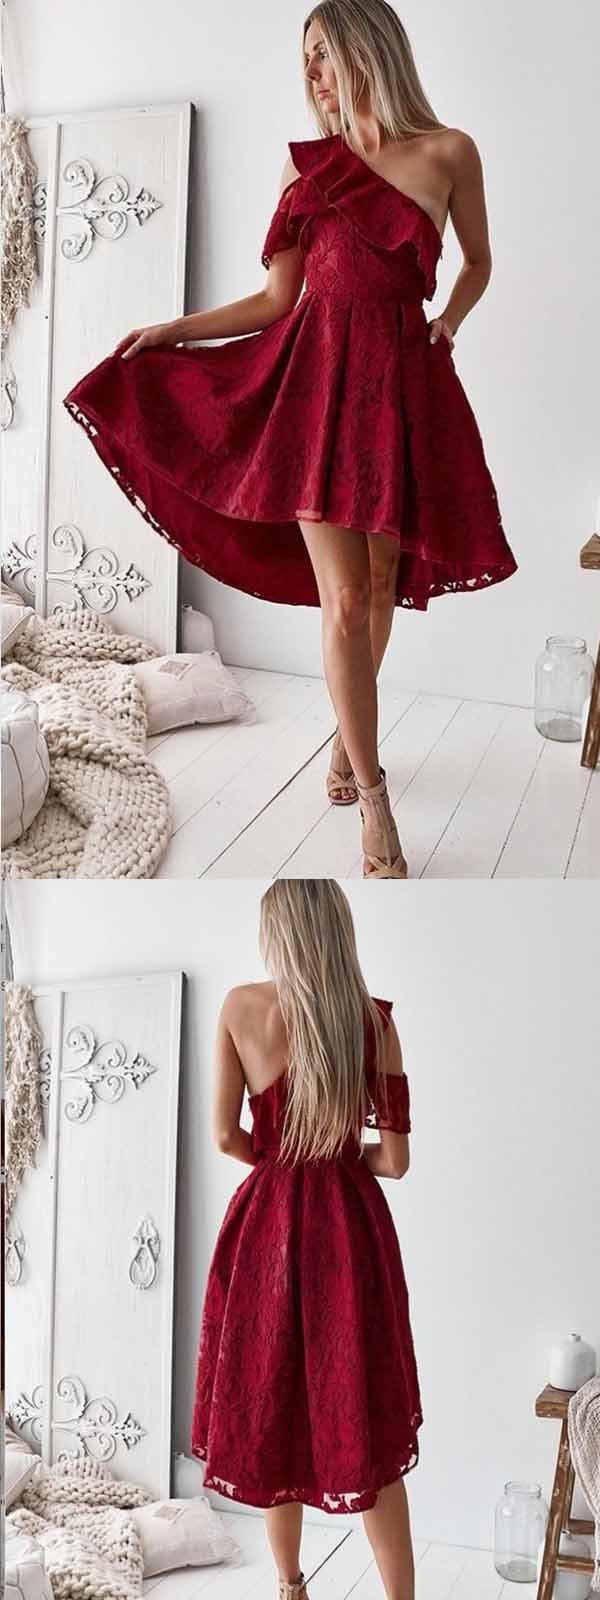 的 aline one shoulder hilo red lace homecoming dress short